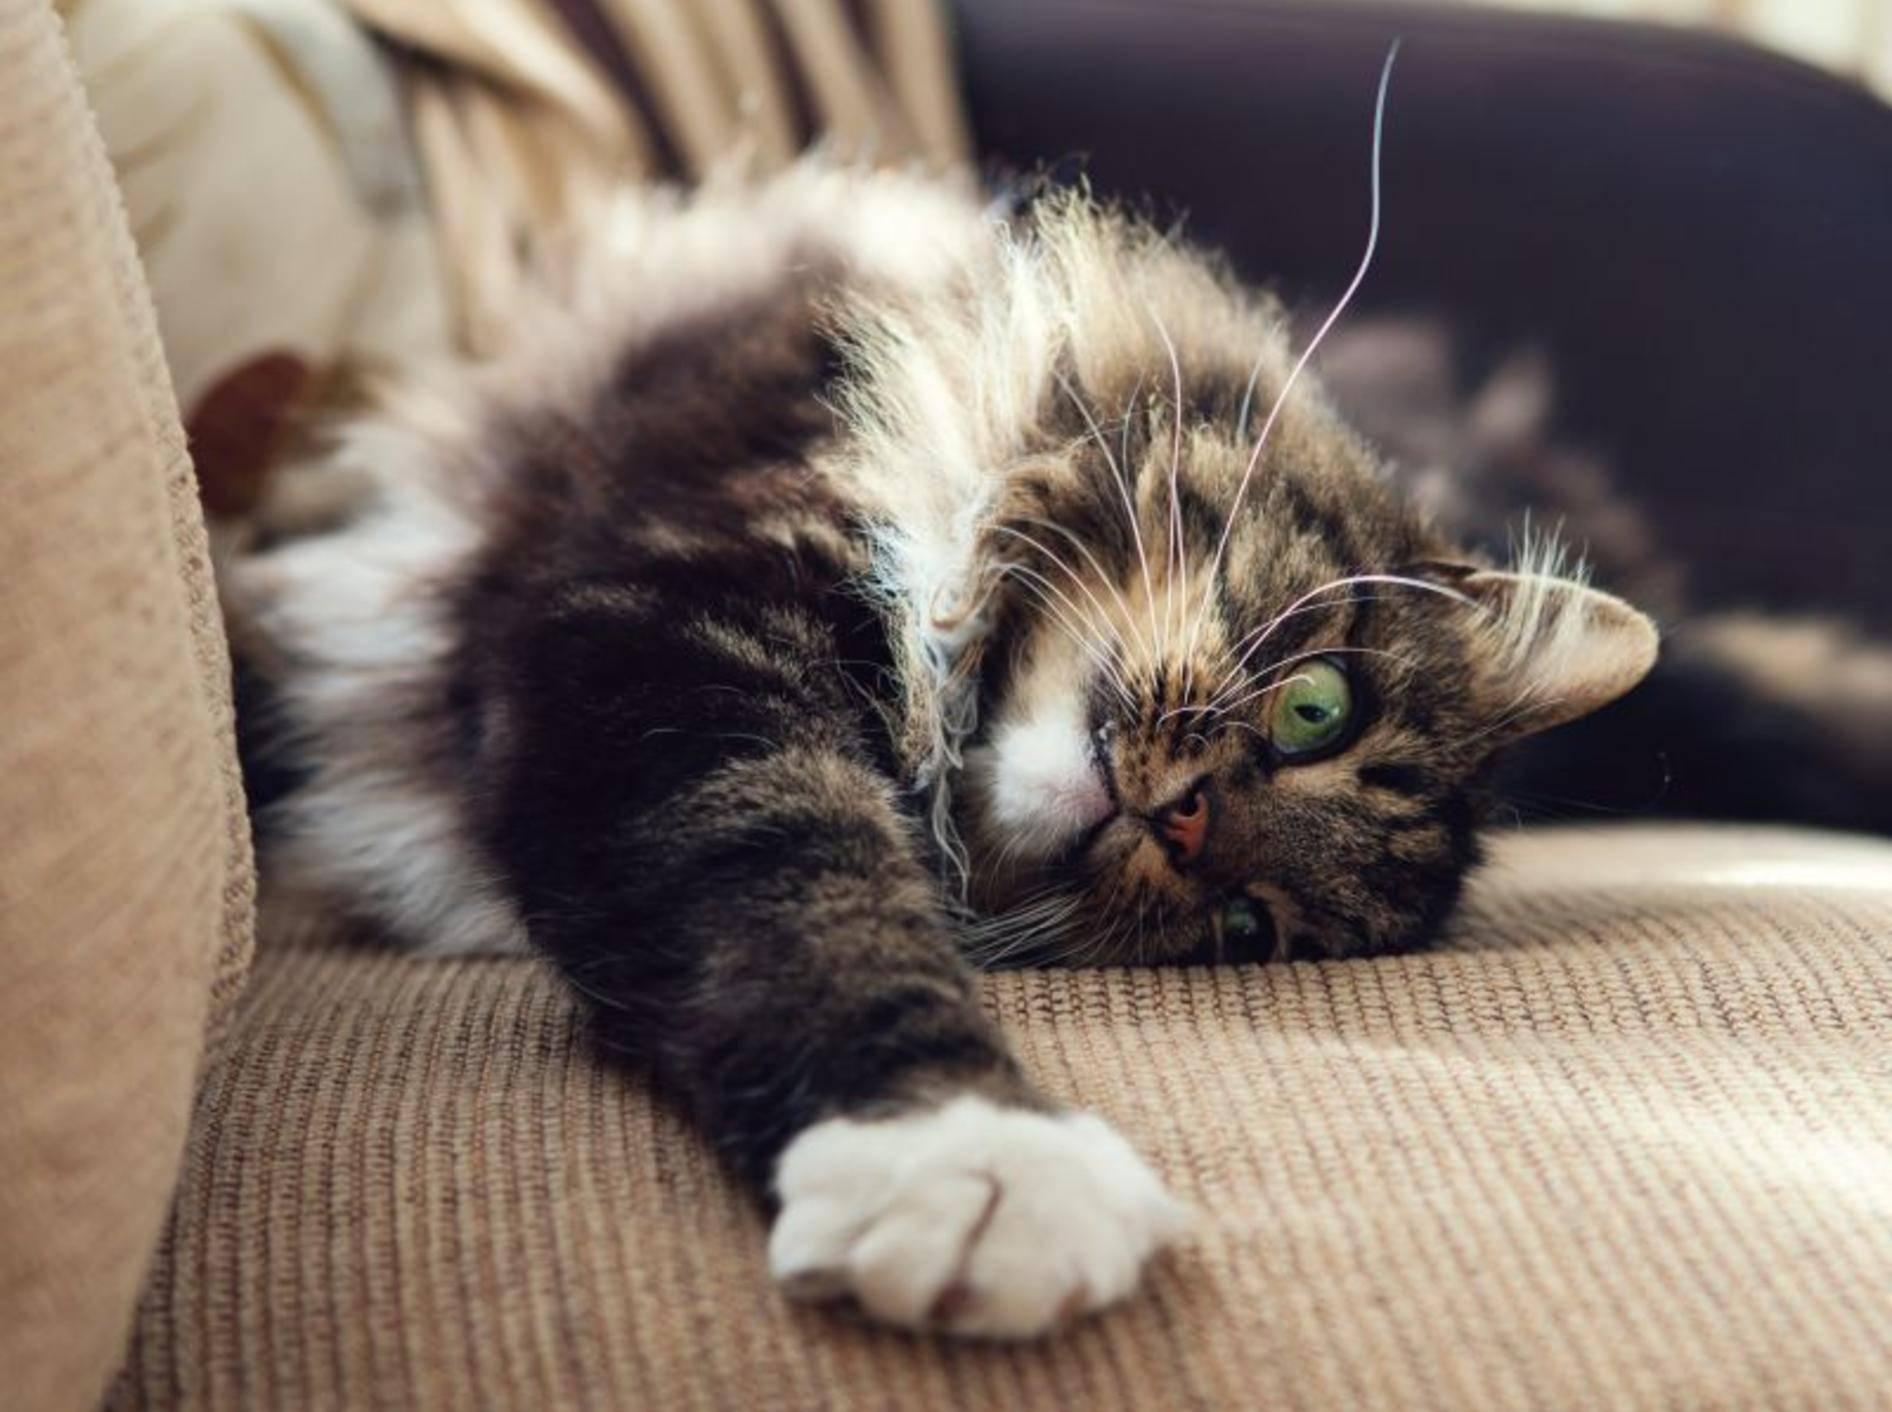 Die Norwegische Waldkatze hat einen ruhigen, aber keineswegs langweiligen Charakter – Bild: Shutterstock / Magdanatka